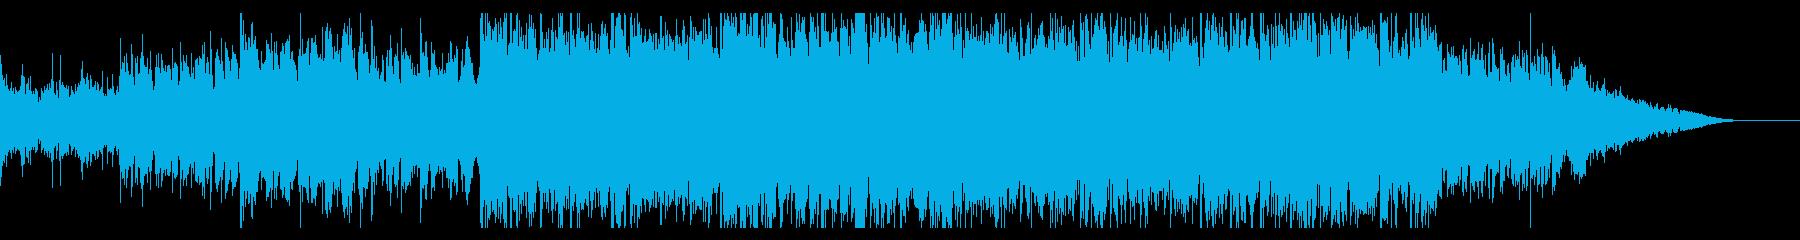 ダークでシネマティックなIDMの再生済みの波形